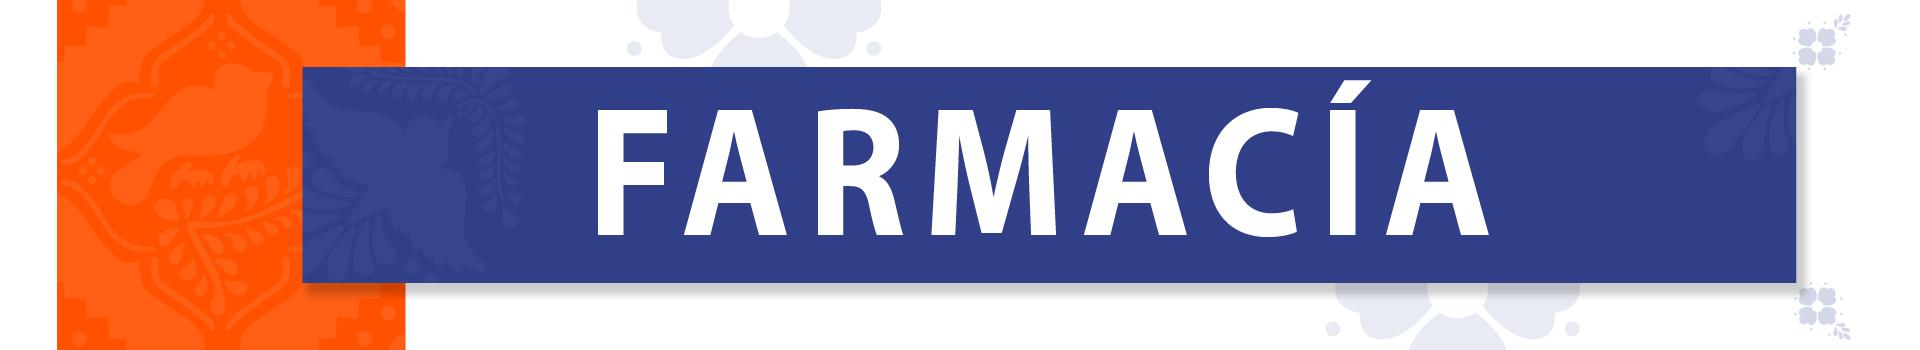 Banner Farmacia